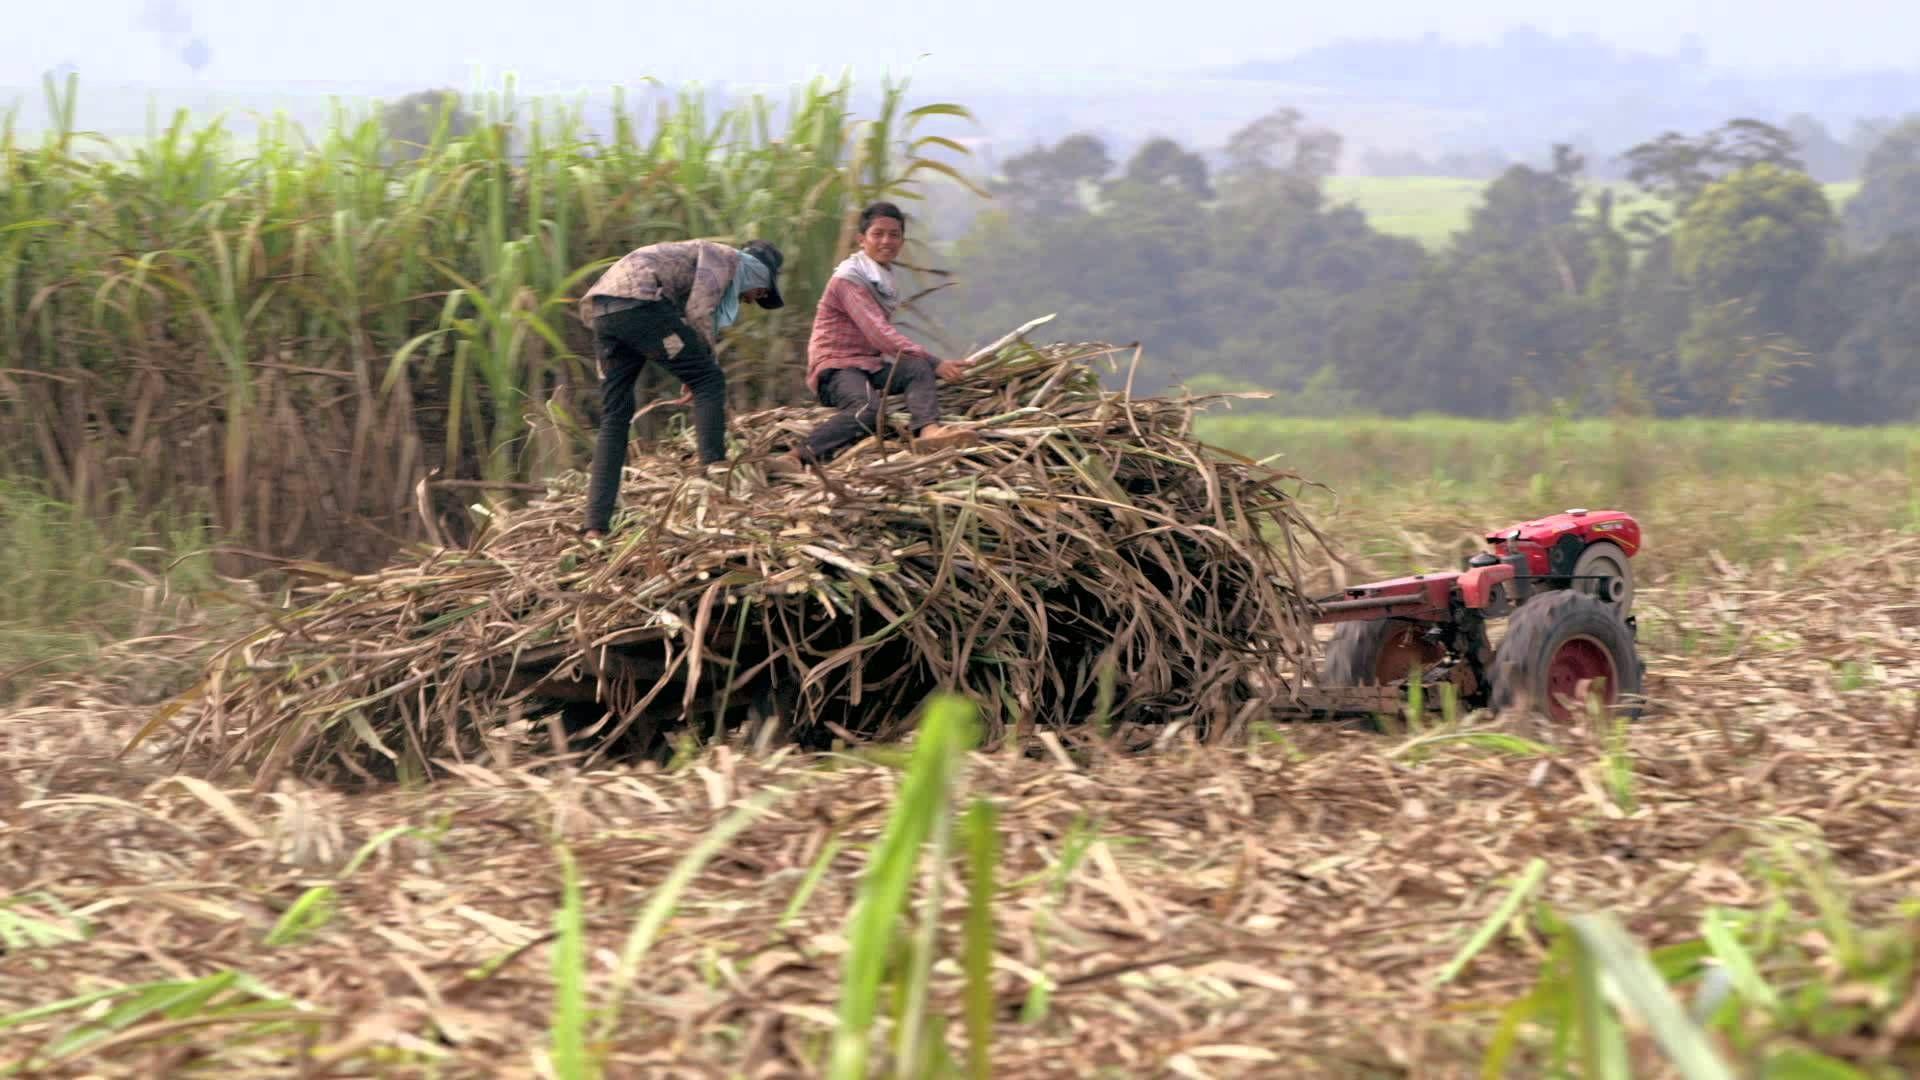 [RIDM] Sans Terre, c'est la faim. Témoignages d'accaparement de terres dans un voyage bucolique au Mali, Cambodge et Ouganda. Lundi 18 novembre 17h30 avec sous-titres en anglais.  http://www.ridm.qc.ca/fr/programmation/films/527/sans-terre-cest-la-faim